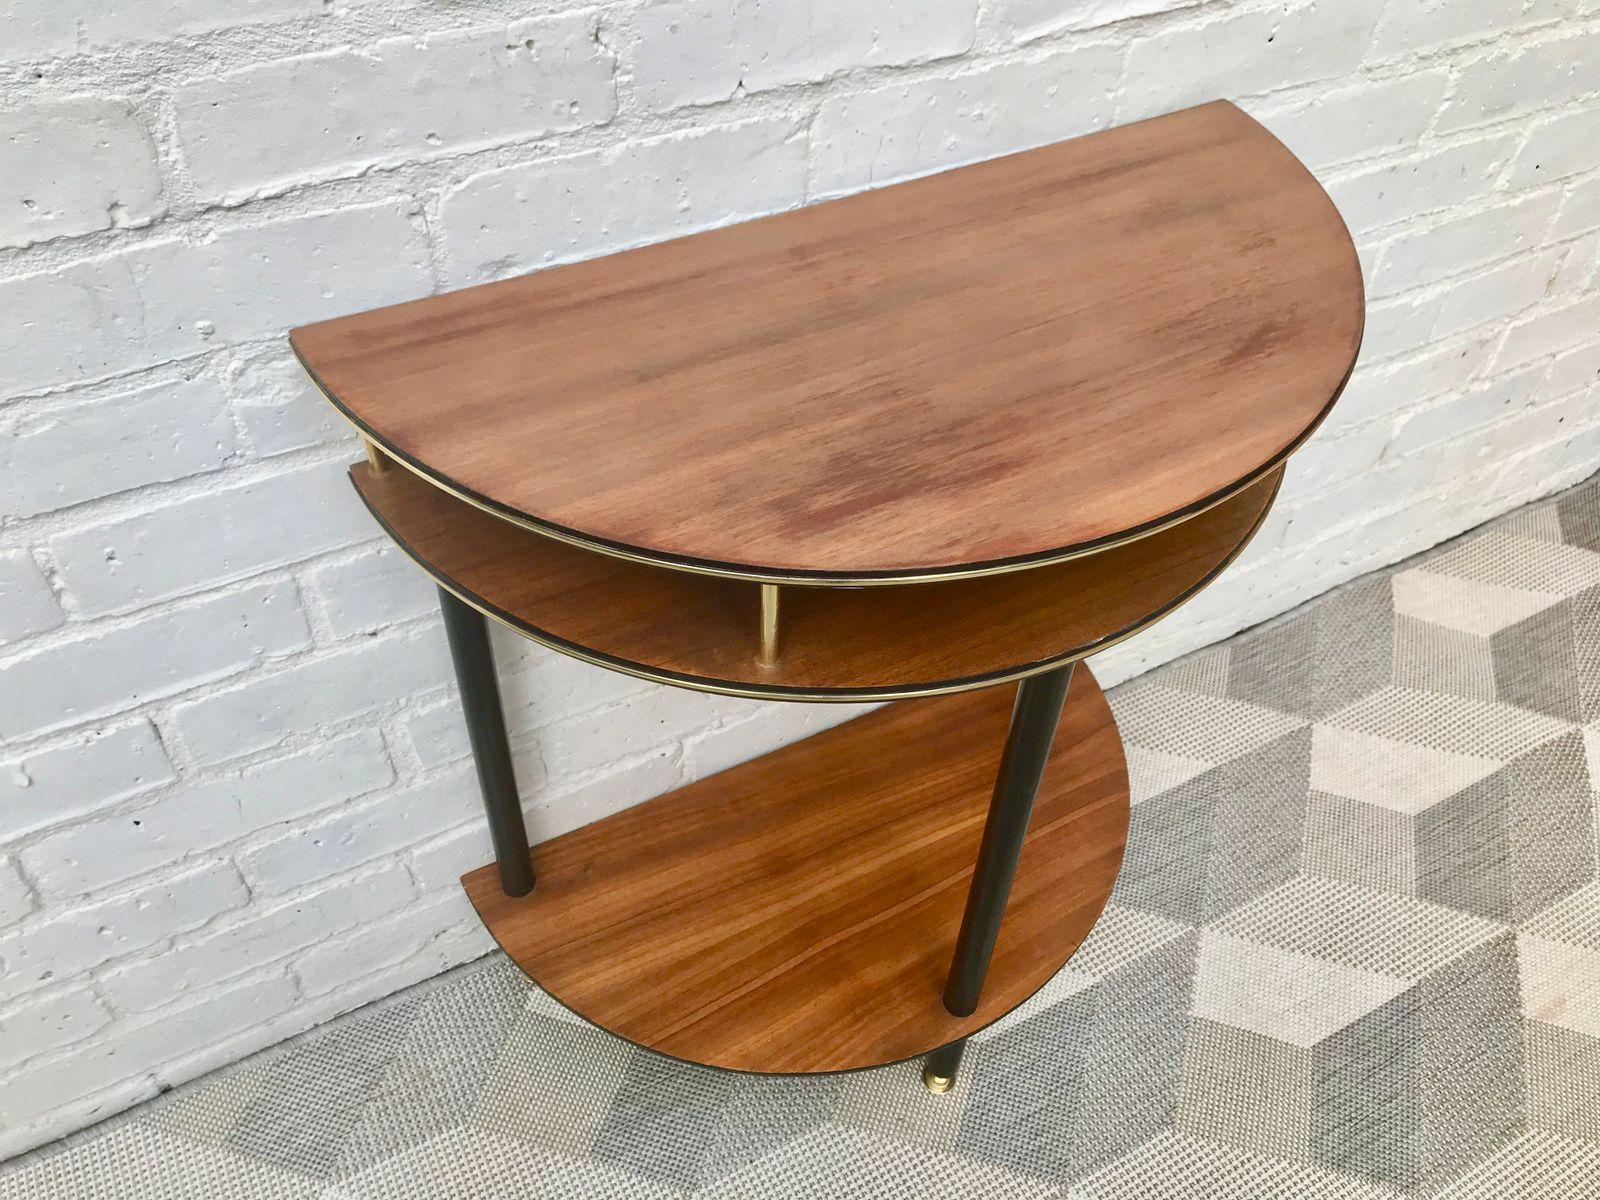 halbrunder vintage beistelltisch bei pamono kaufen. Black Bedroom Furniture Sets. Home Design Ideas